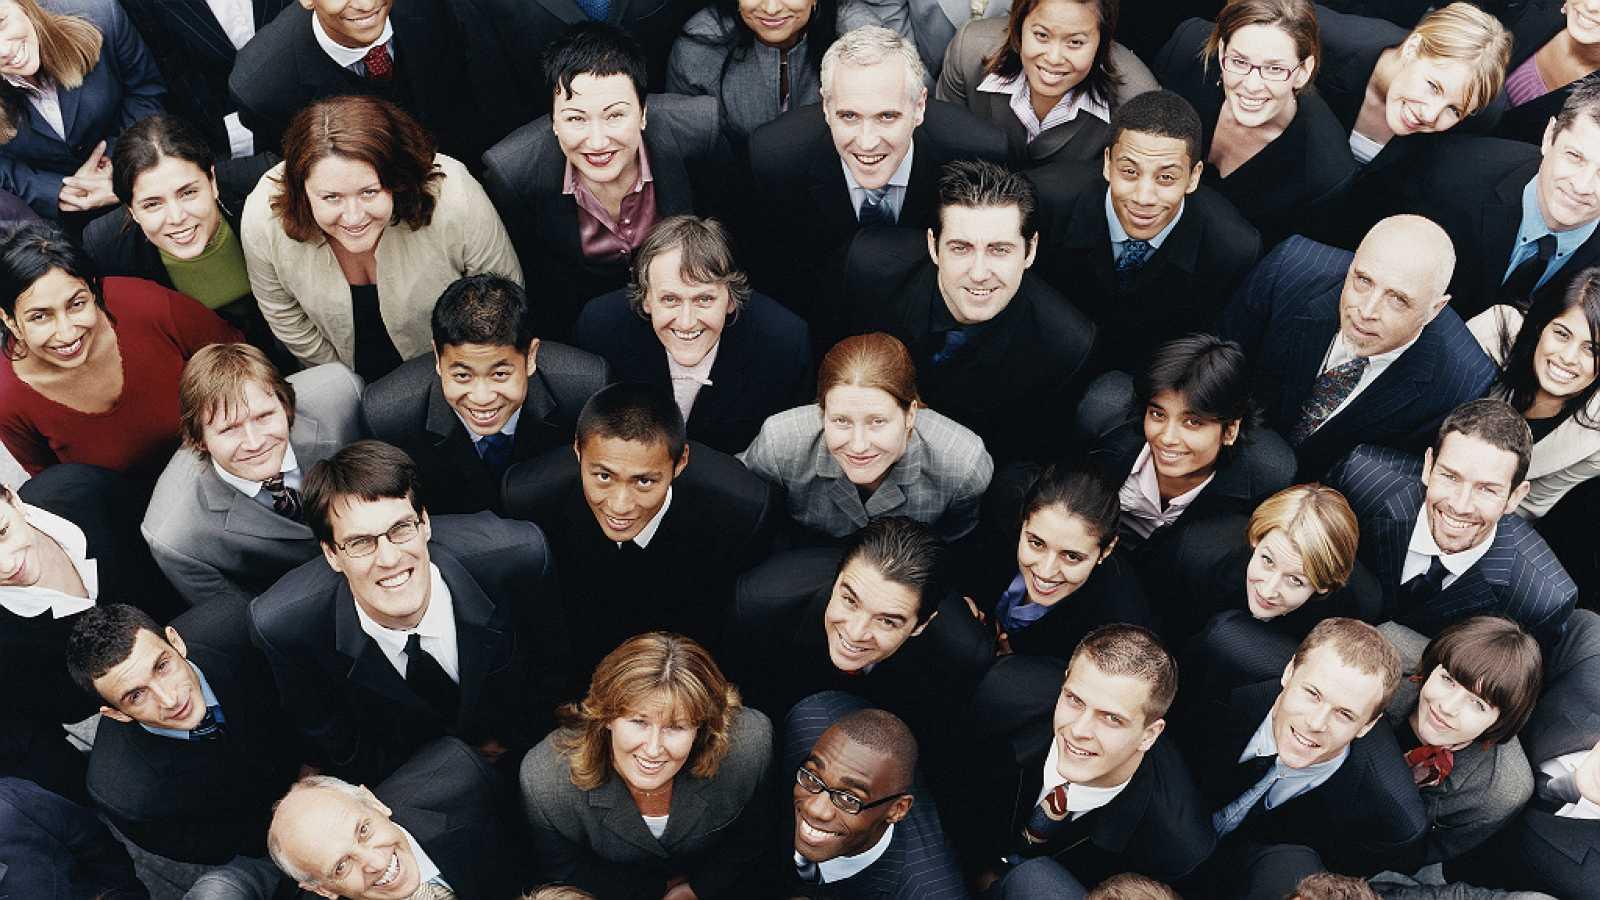 Espacio para la responsabilidad - El impacto social - 25/09/18 - Escuchar ahora